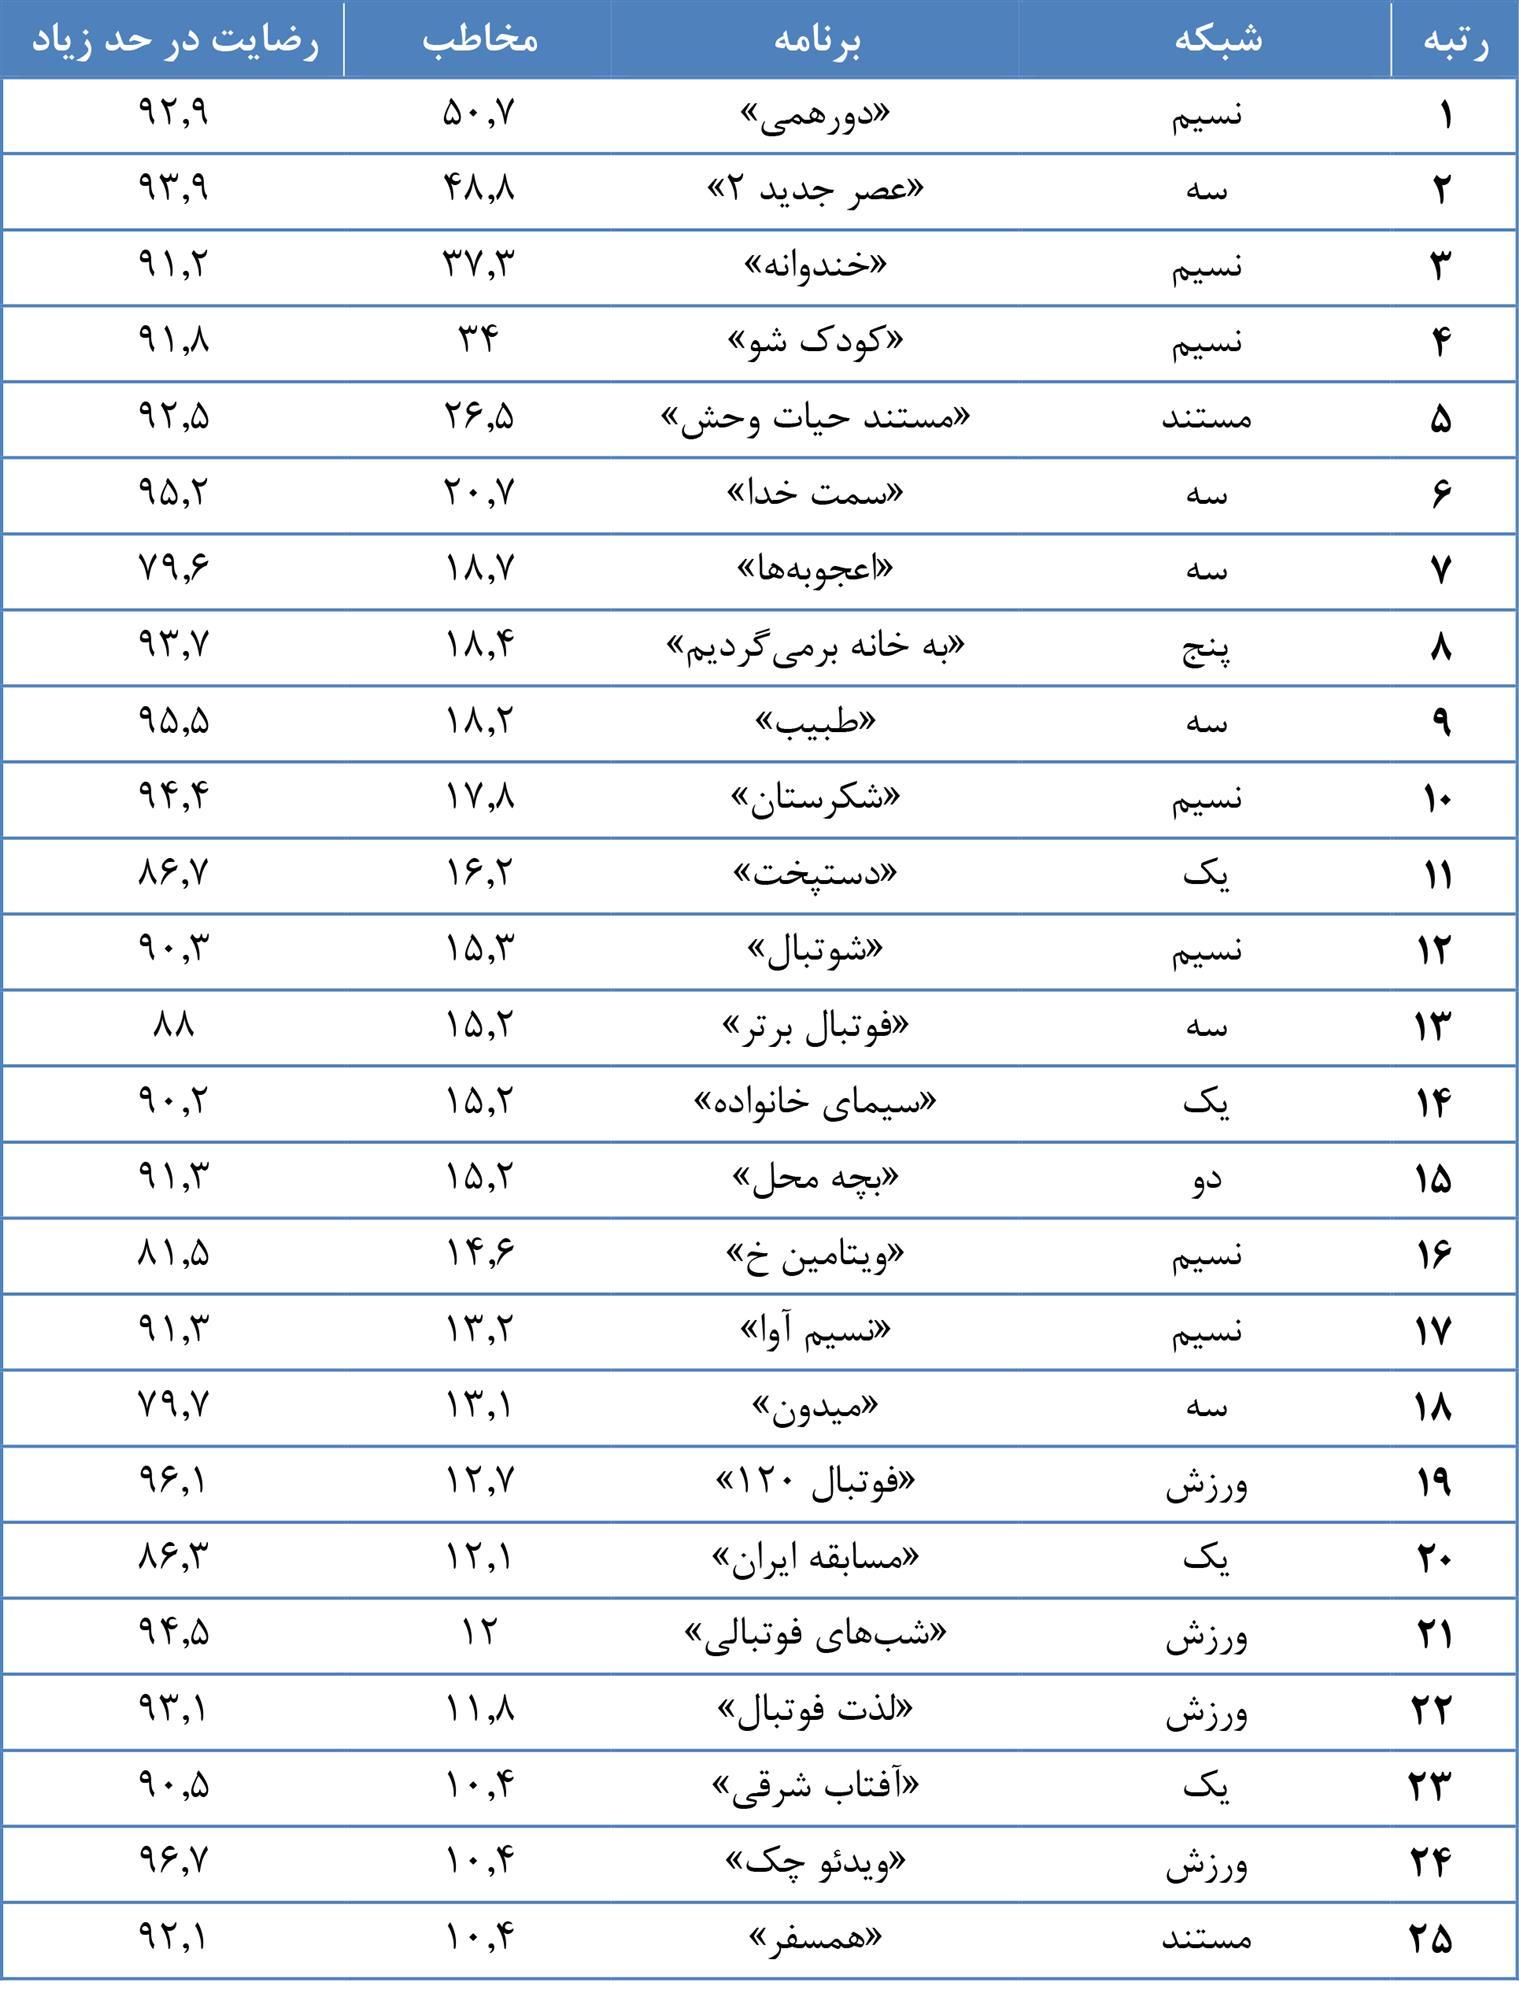 مخاطبان سیما؛ ۸۱.۴ درصد/ دورهمی؛ پربینندهترین برنامه در مرداد ۹۹